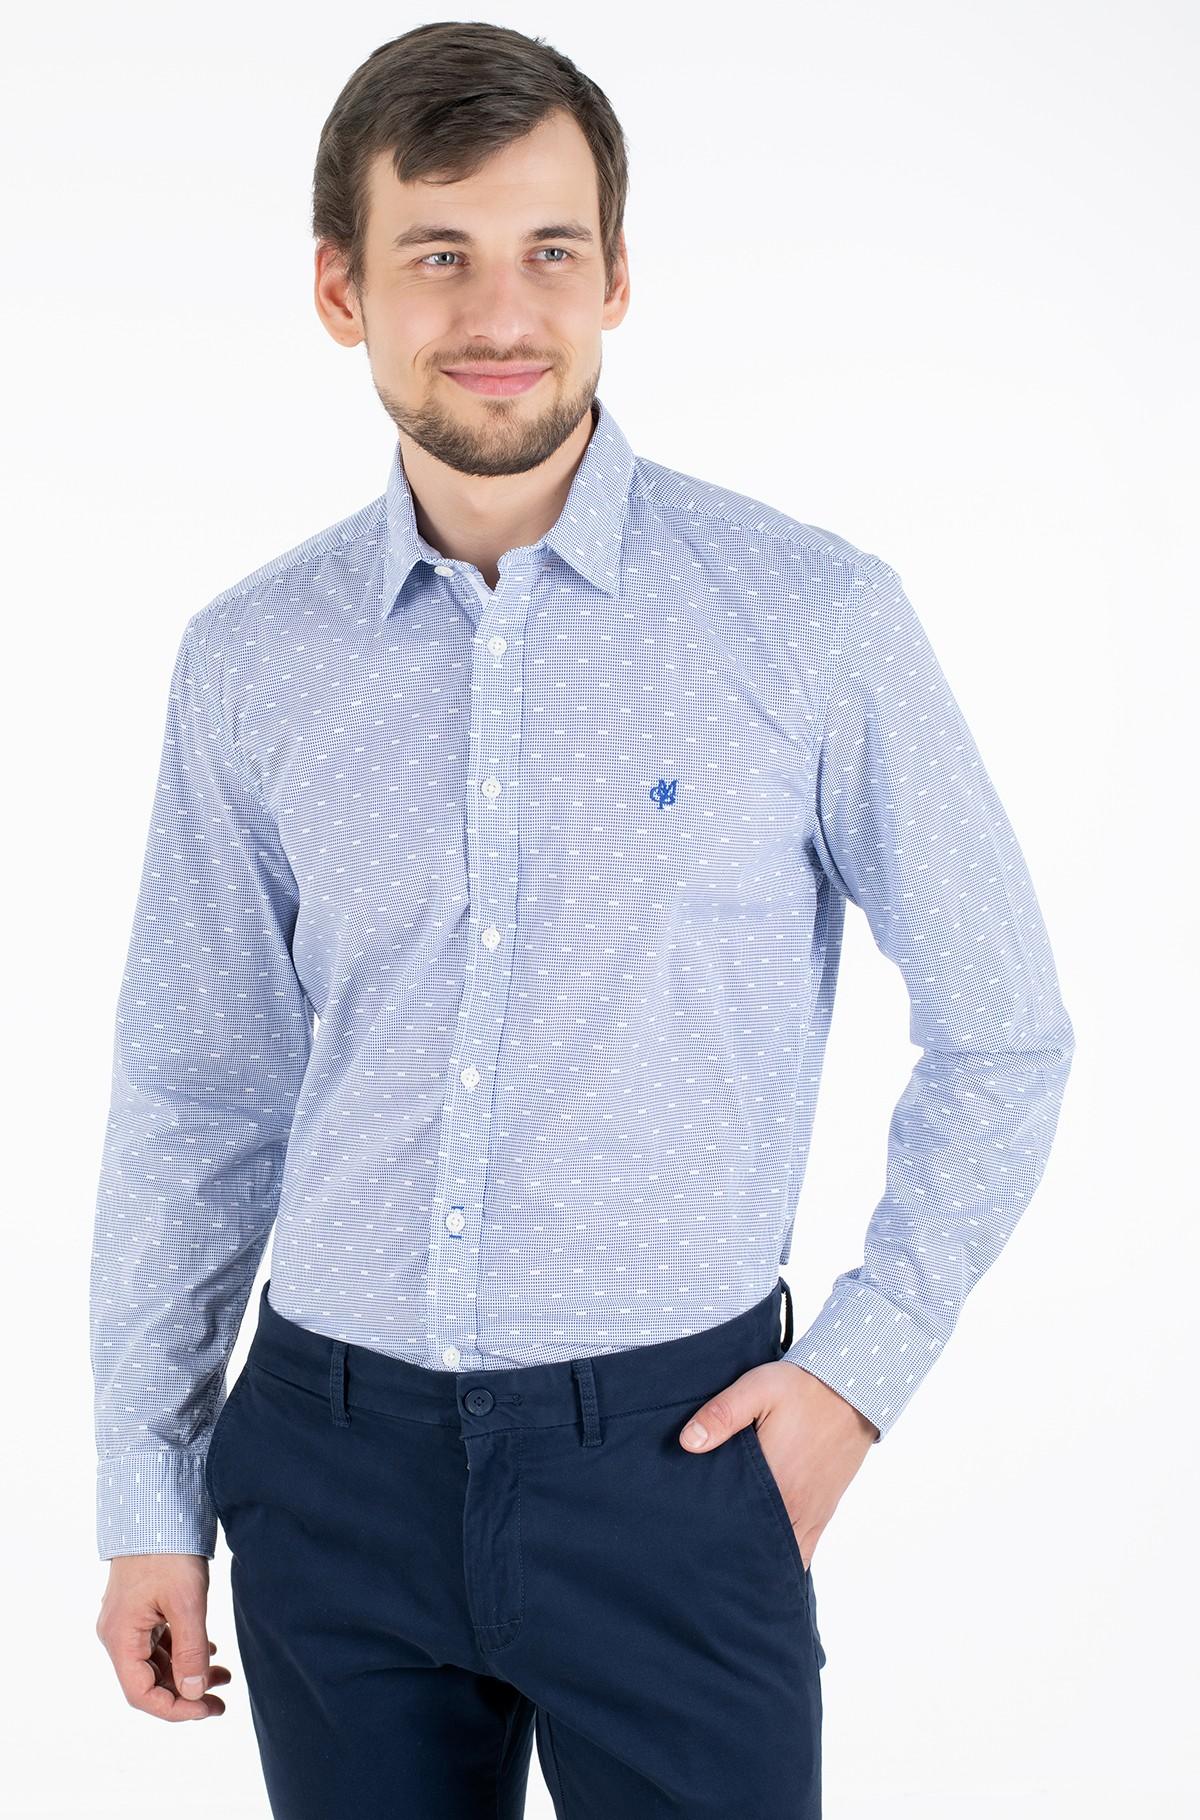 Marškiniai 021 7201 42144-full-1